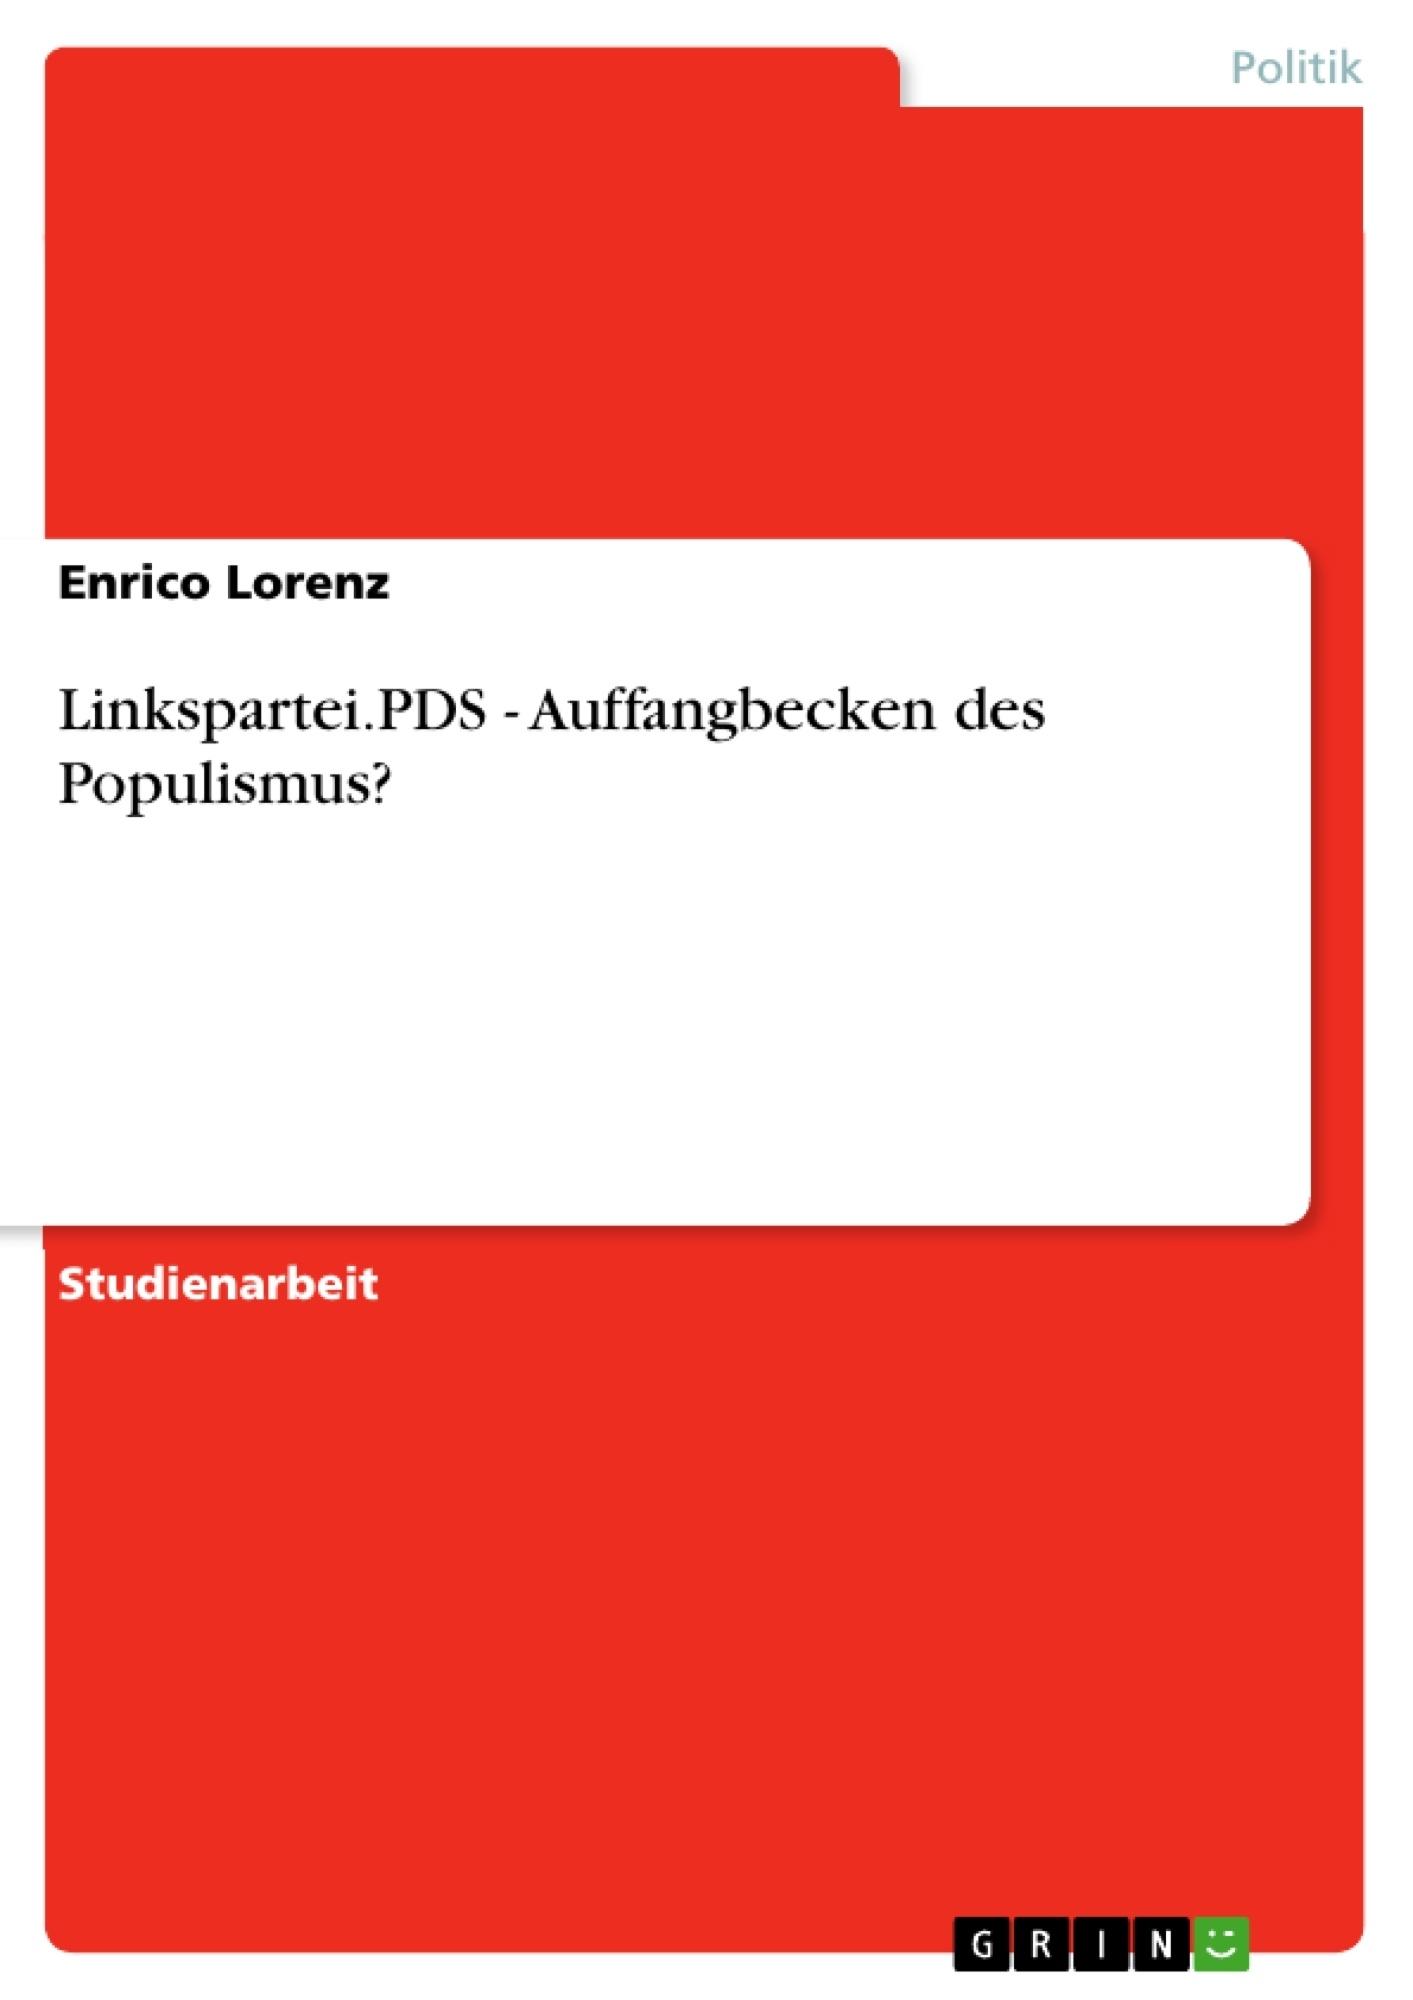 Titel: Linkspartei.PDS - Auffangbecken des Populismus?